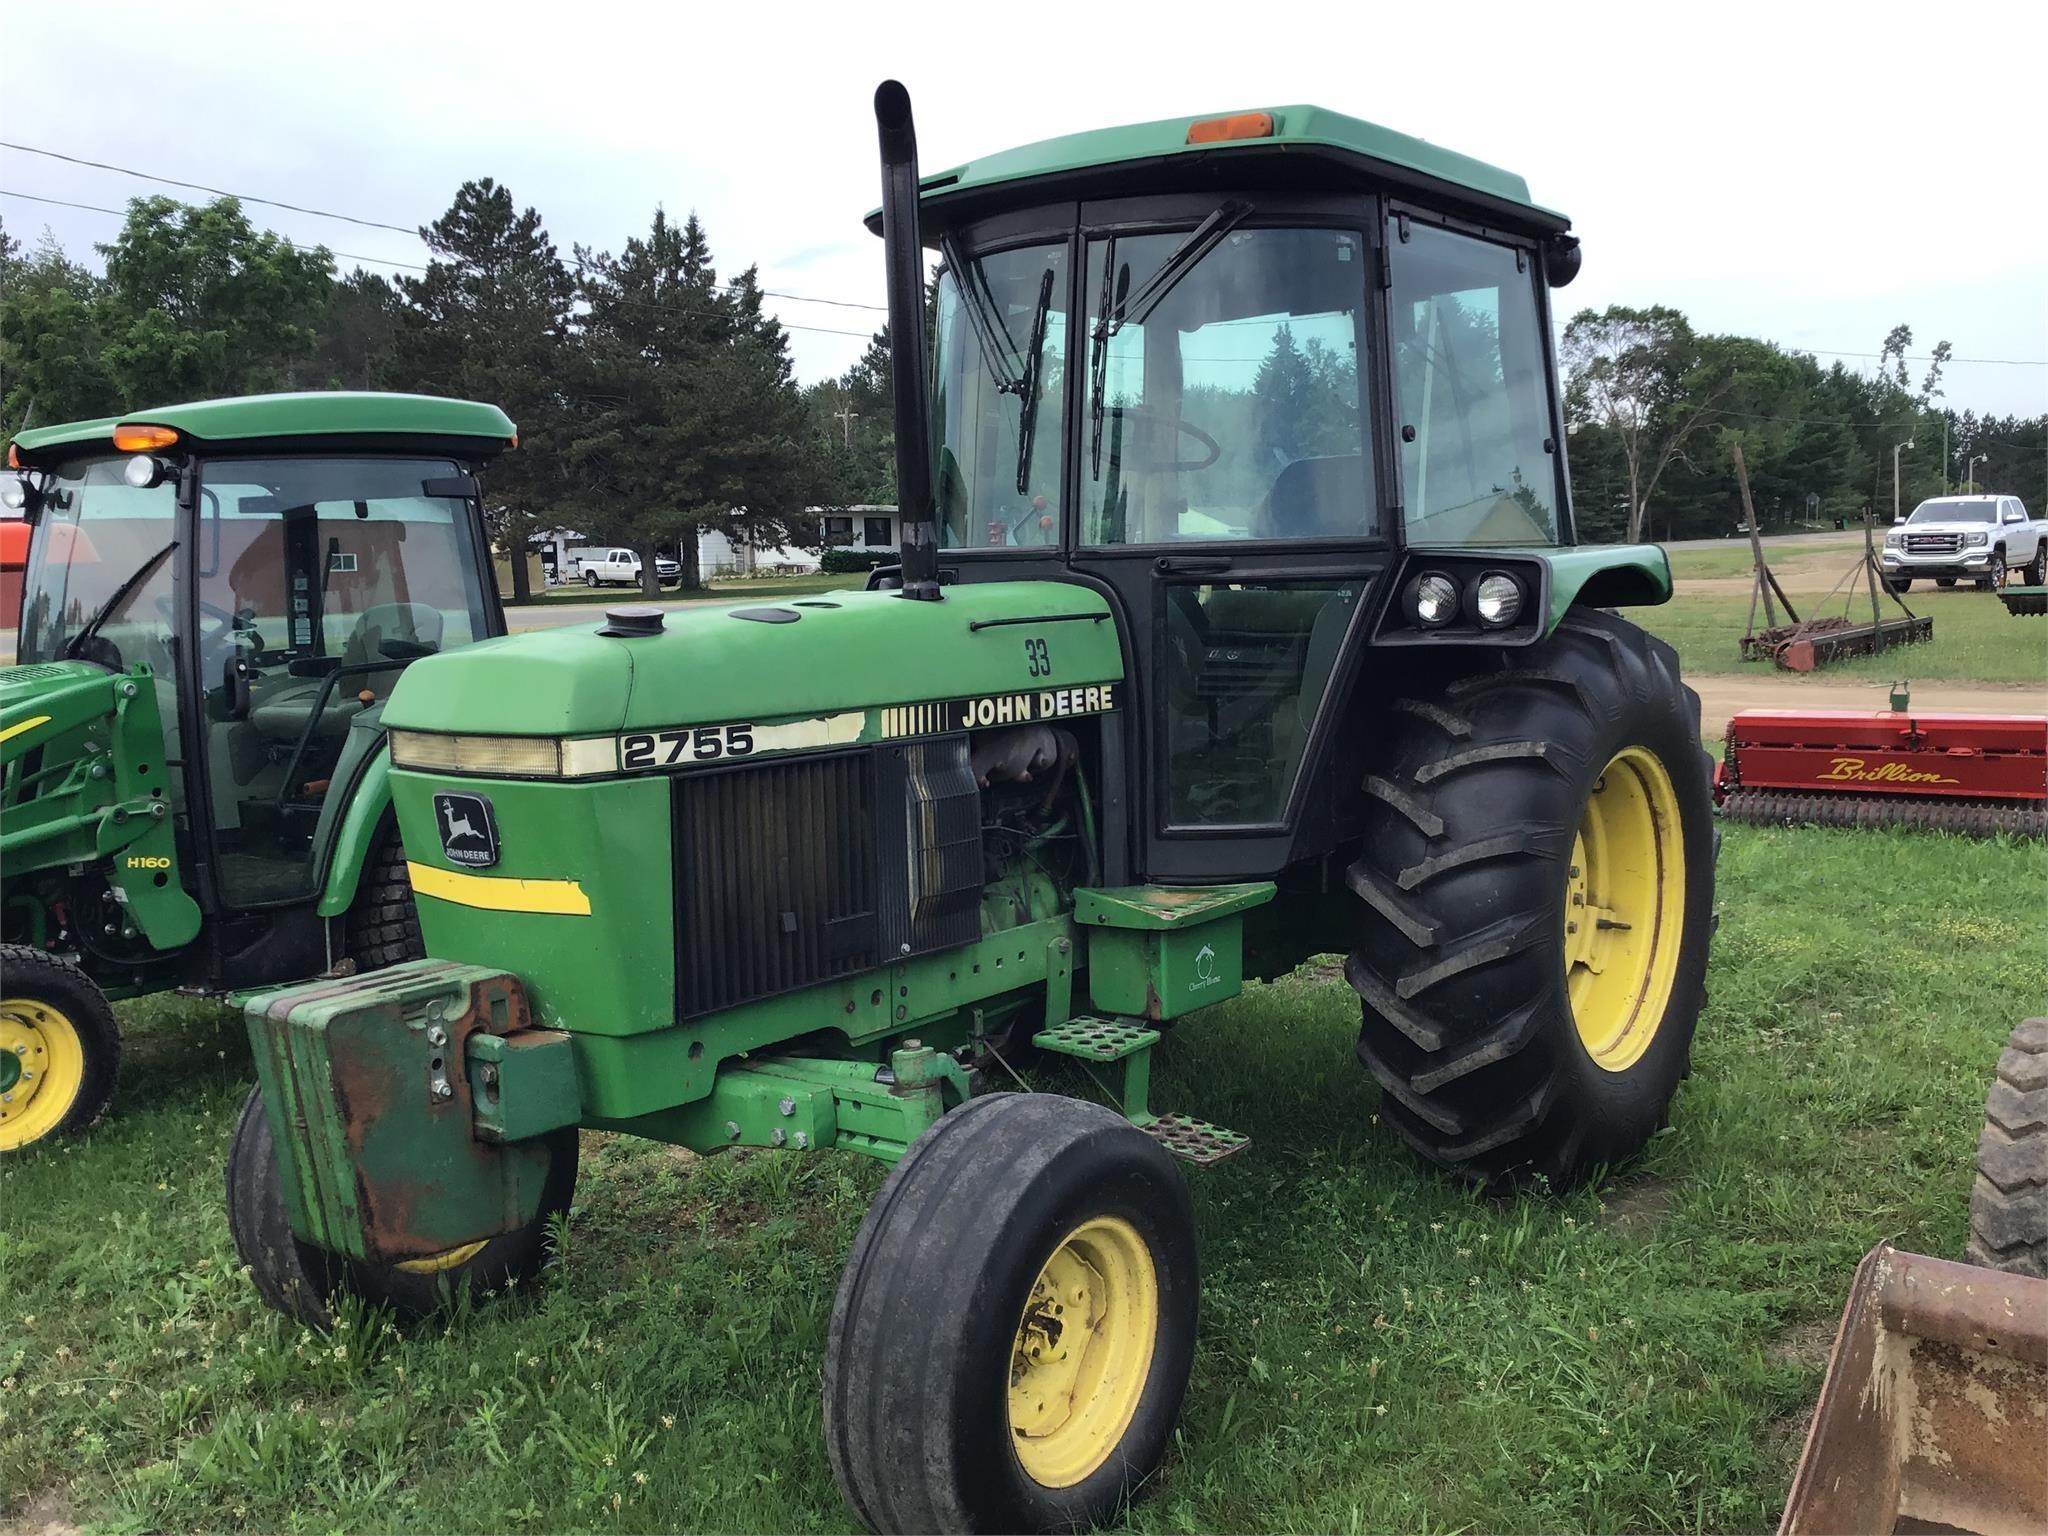 John Deere 2755 Tractor